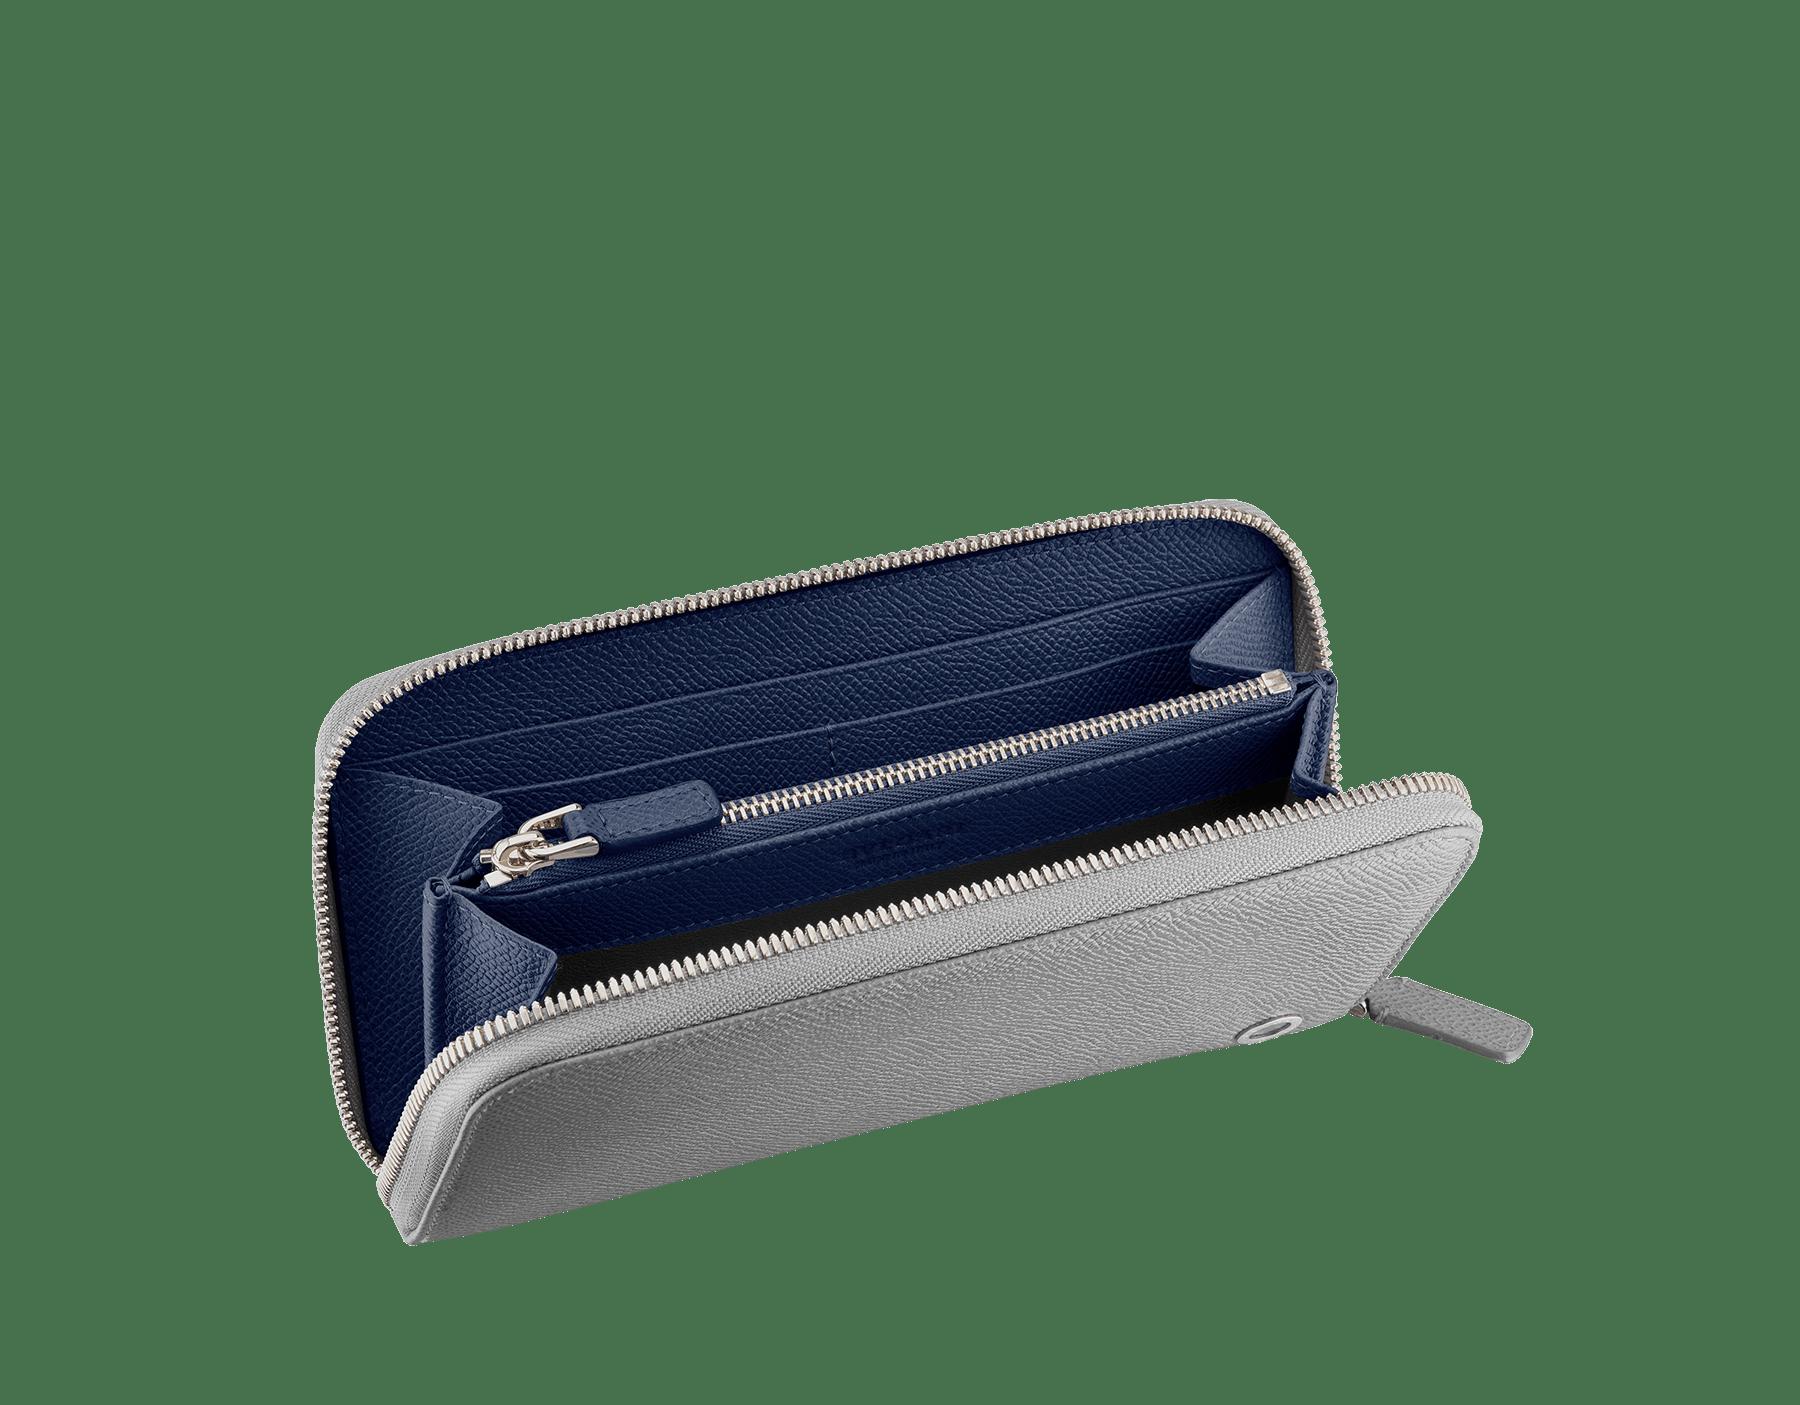 Charcoal DiamondグレーとAegean Topazライトブルーのグレインカーフレザー製ラージサイズの「ブルガリ・ブルガリ」ジップ付き財布。 パラジウムプレートブラス製のアイコニックなロゴの装飾。 BBM-WLT-M-ZIPa image 2